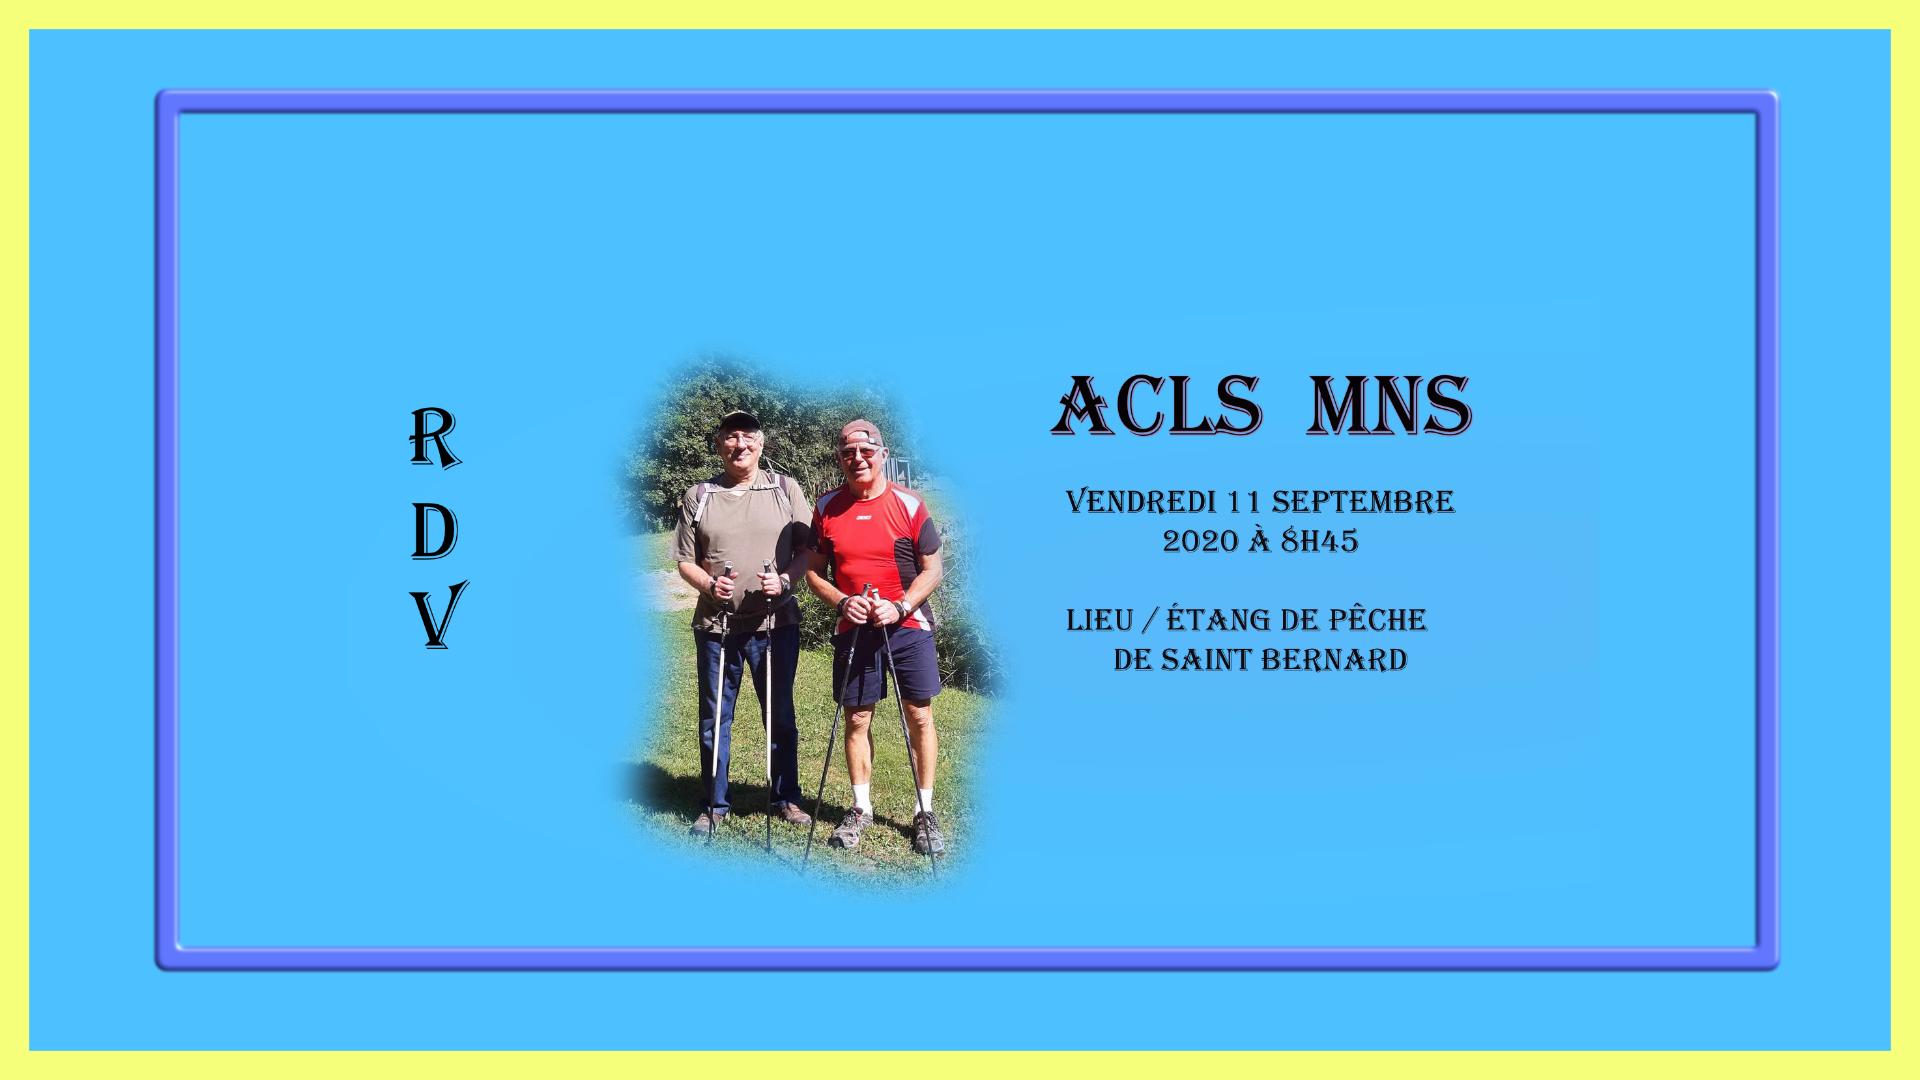 ACLS MNS 11 SEPTEMBRE 2020 pour site.jpg